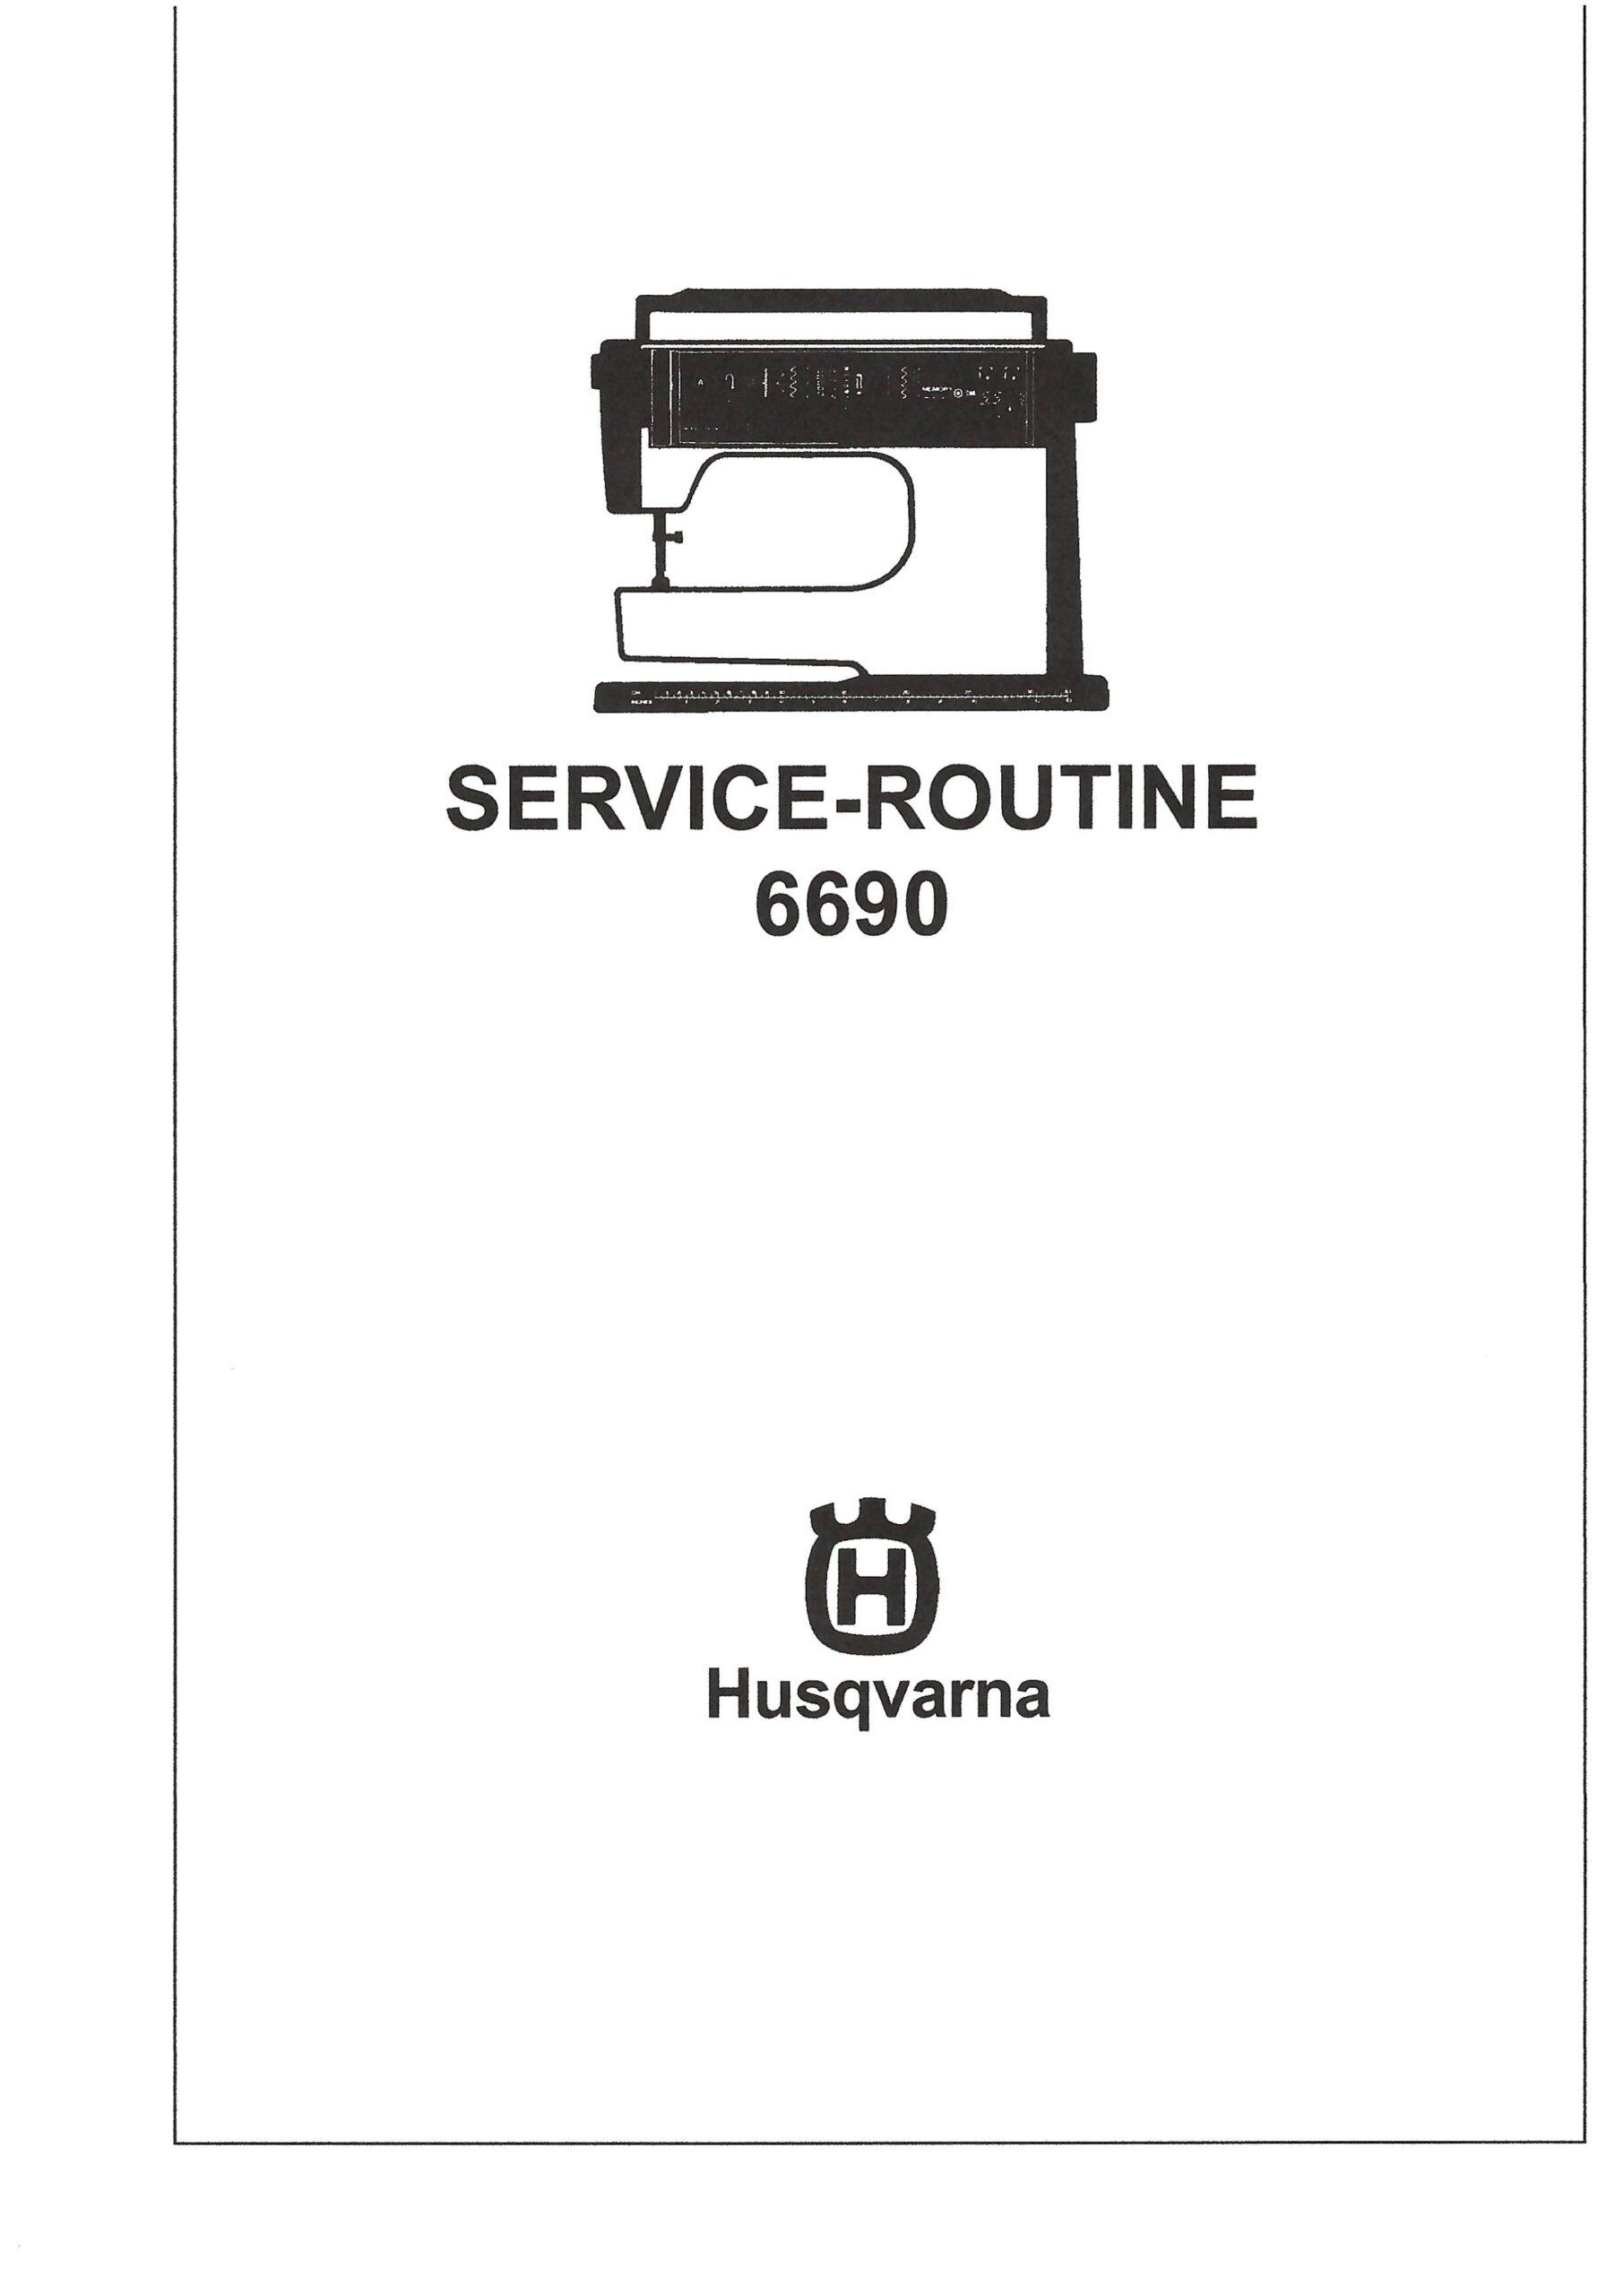 Service Manual Viking 6690, 2000-6000 Series Sewing Machine